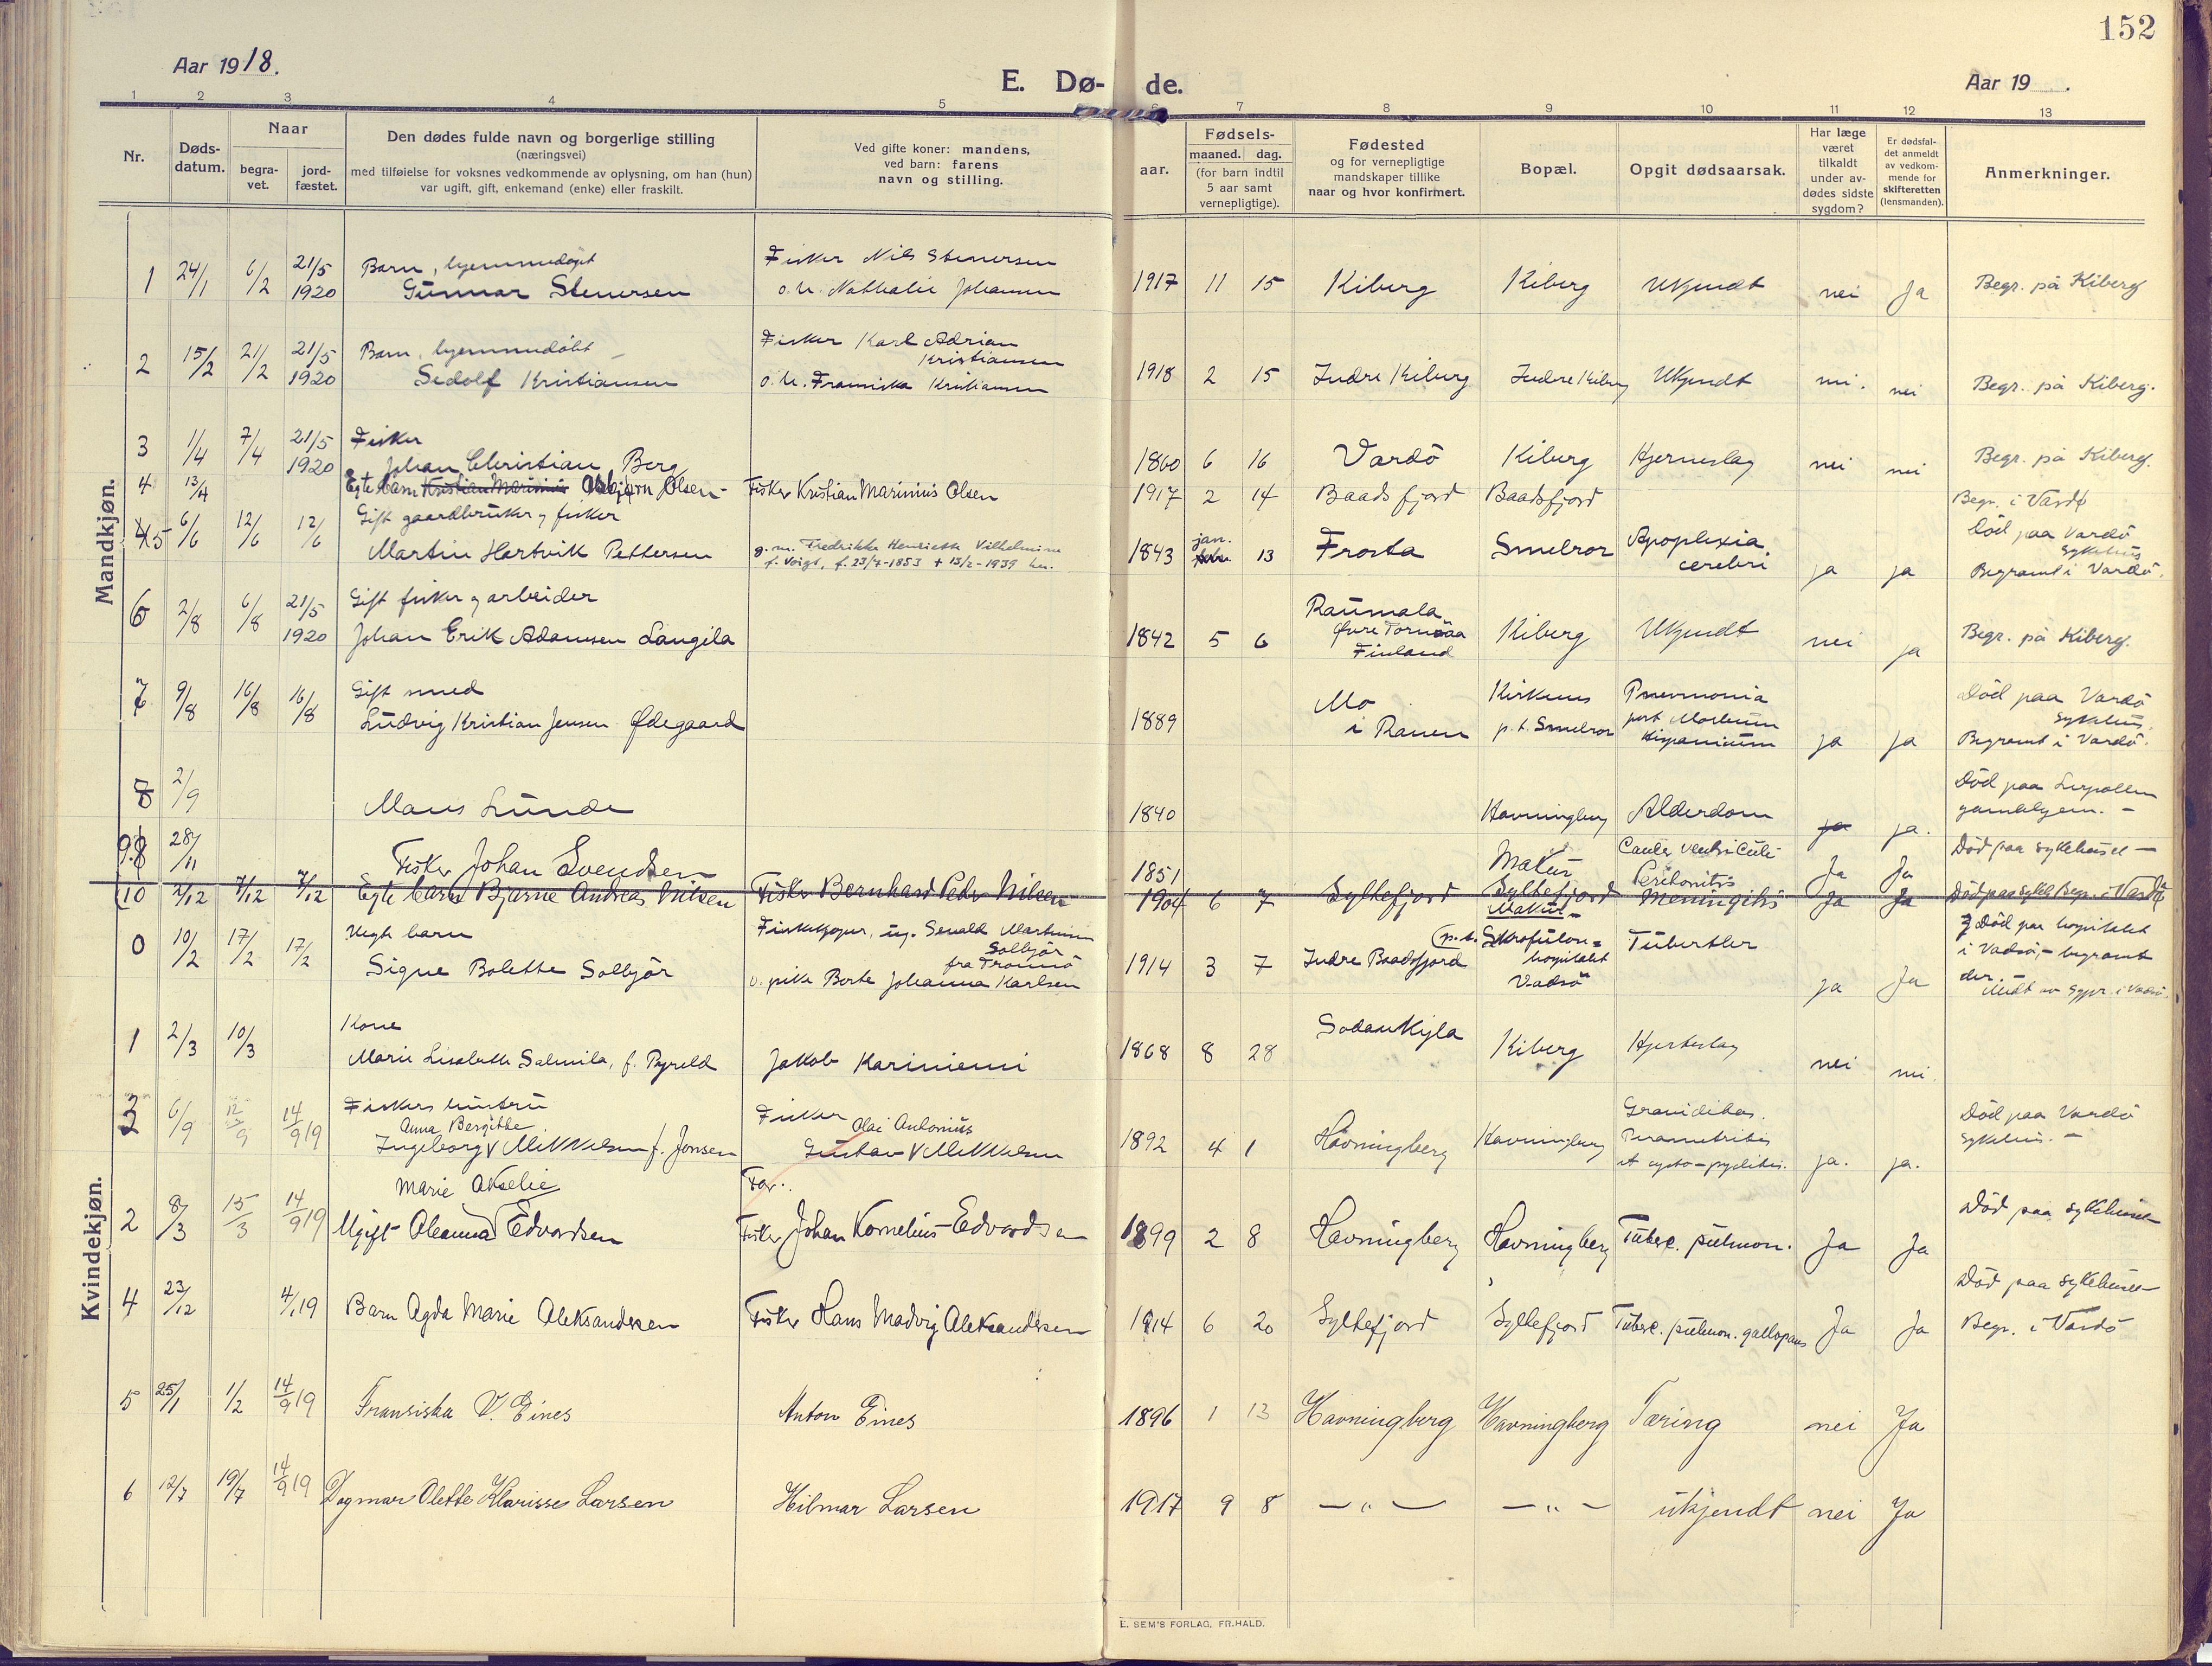 SATØ, Vardø sokneprestkontor, H/Ha/L0013kirke: Ministerialbok nr. 13, 1912-1928, s. 152